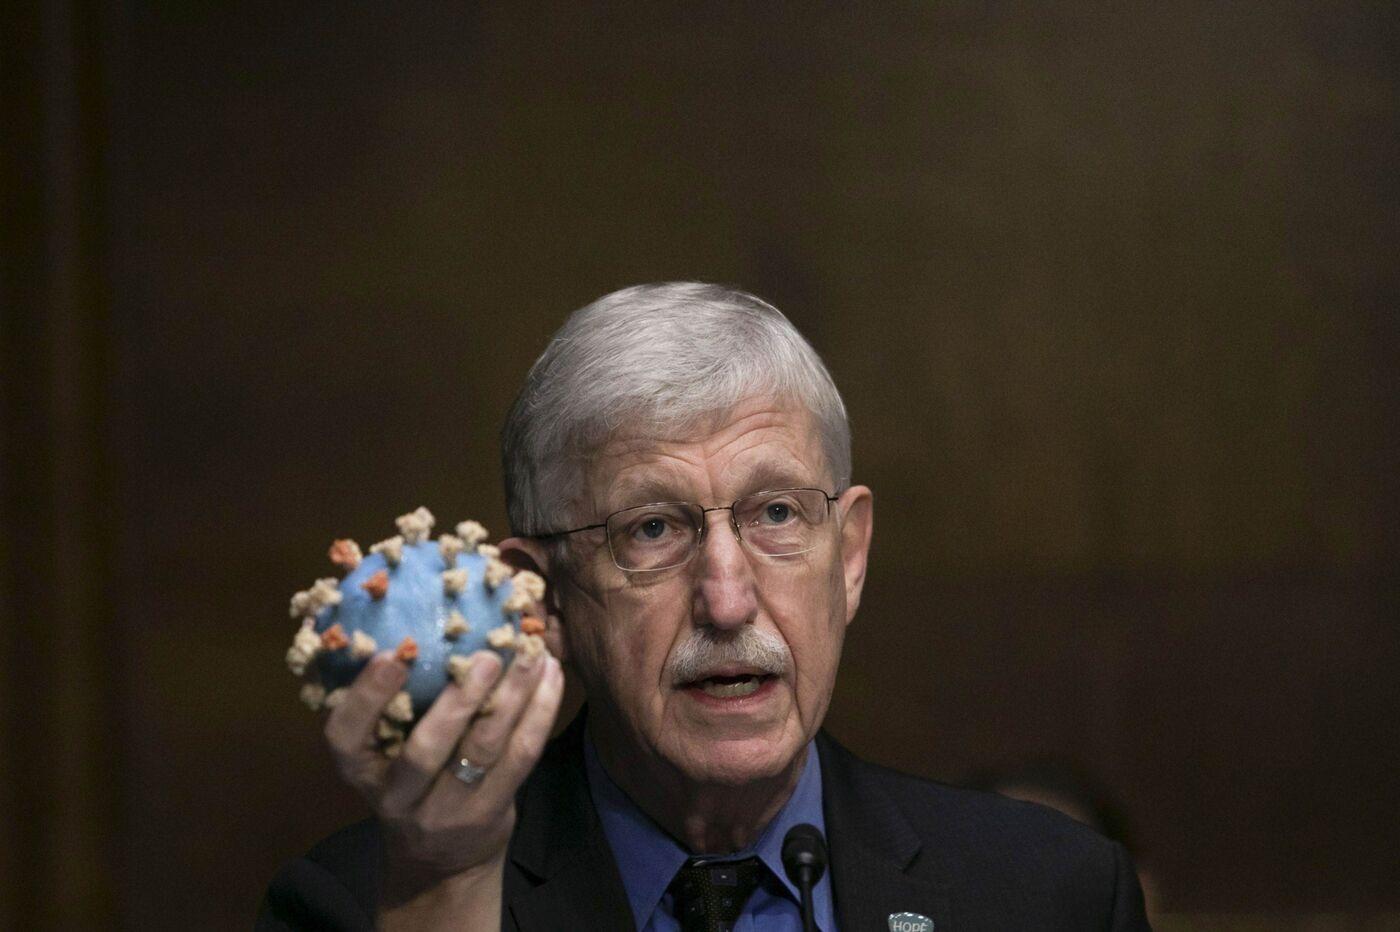 odnosi się do 18 miliardów dolarów Sprintu za szczepionkę w ramach operacji Inside Operation Warp Speed